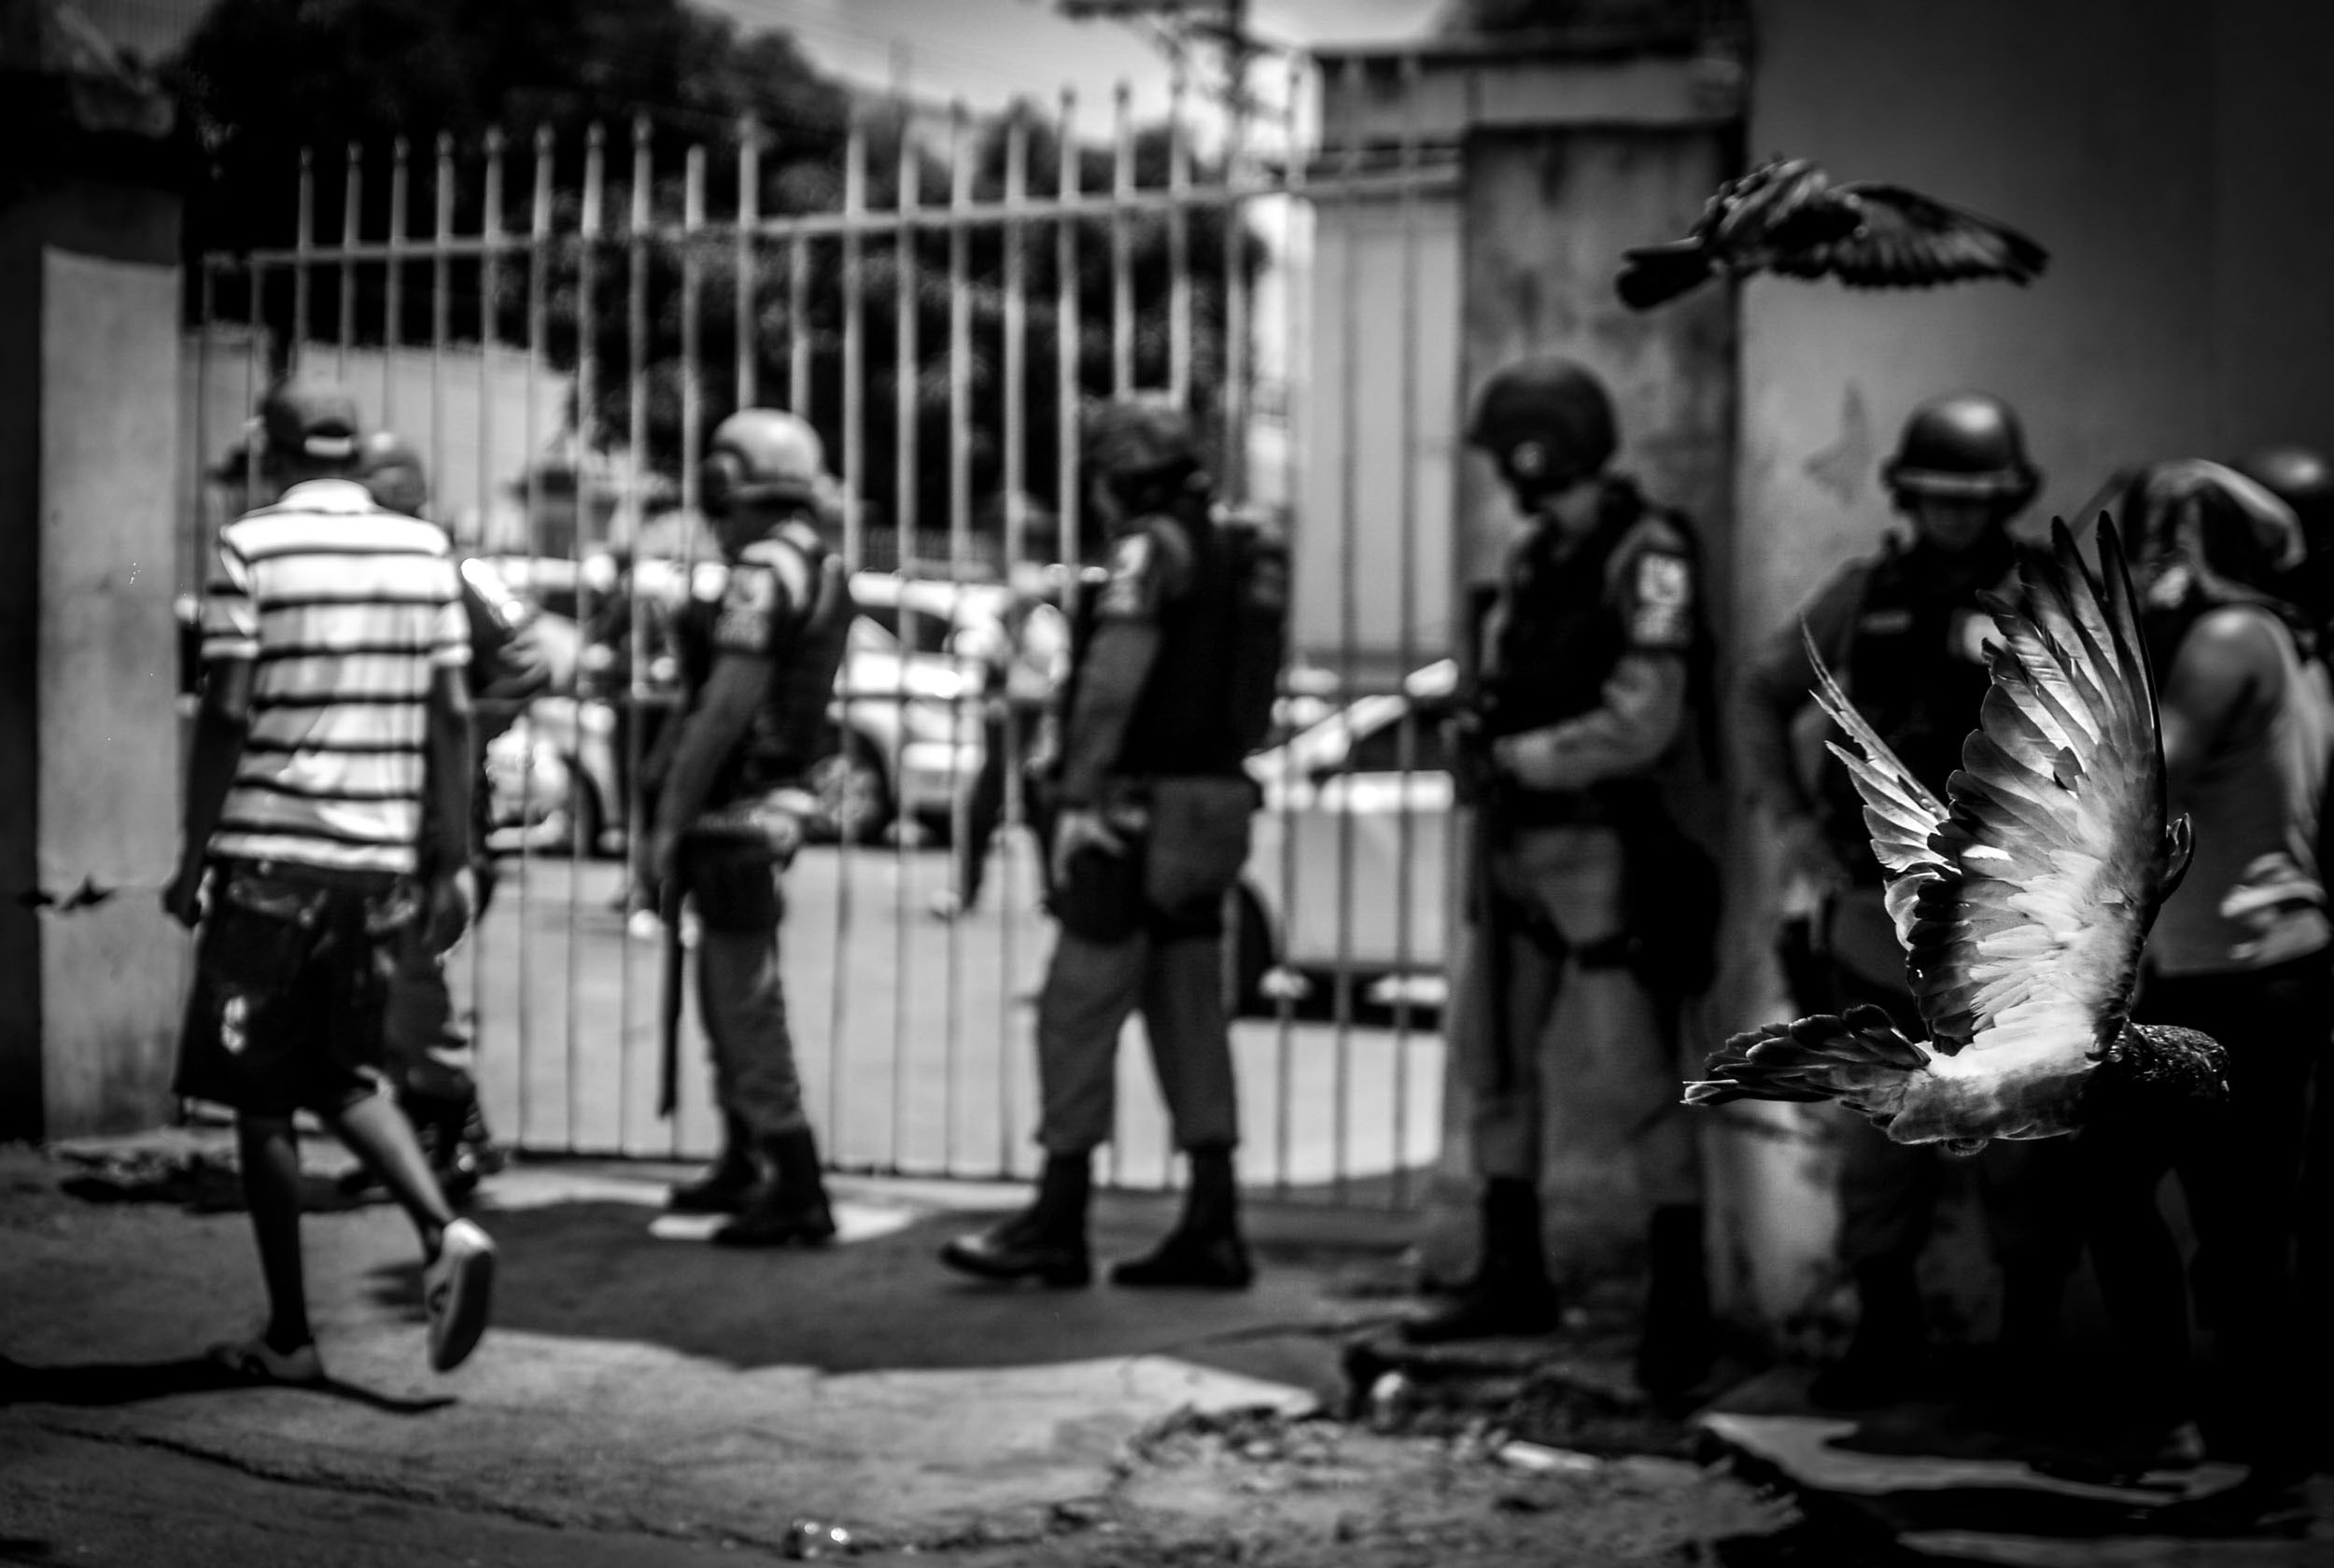 Na Cadeia Pública Raimundo Vida Pessoa foram mortos quatro  presos (Foto: Christian Braga/Jornalistas Livres)